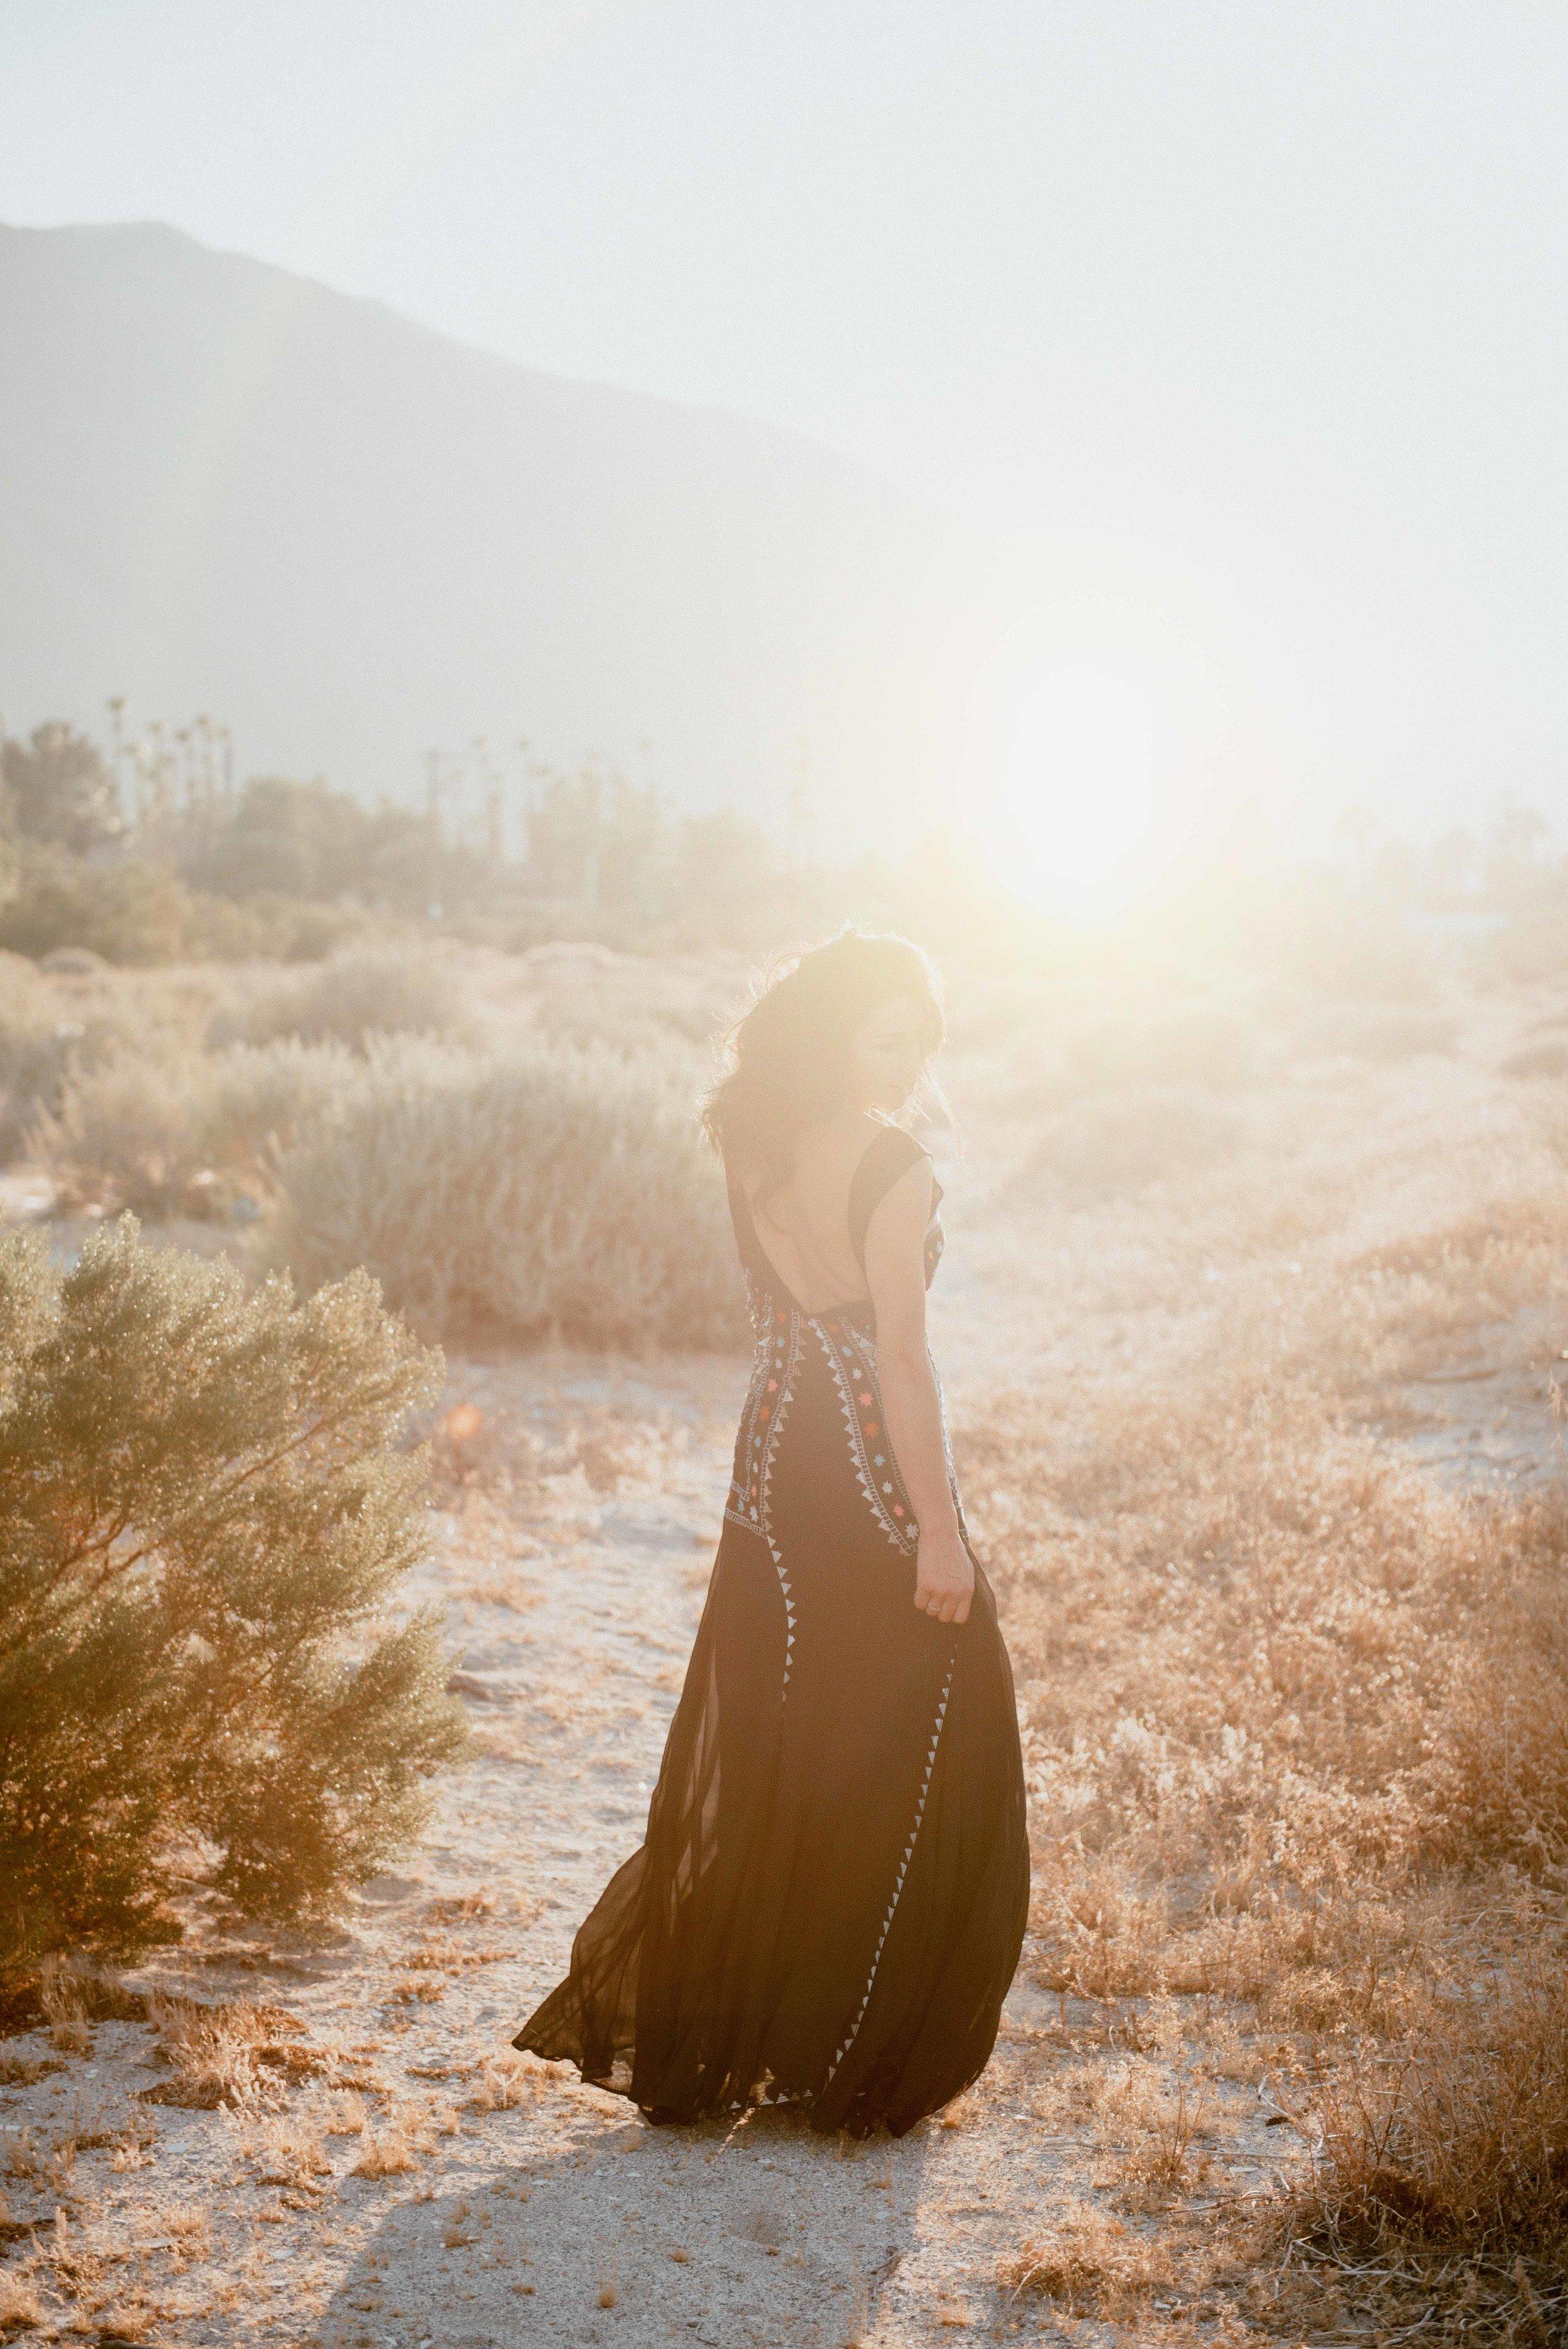 Desert-Field-5.jpg